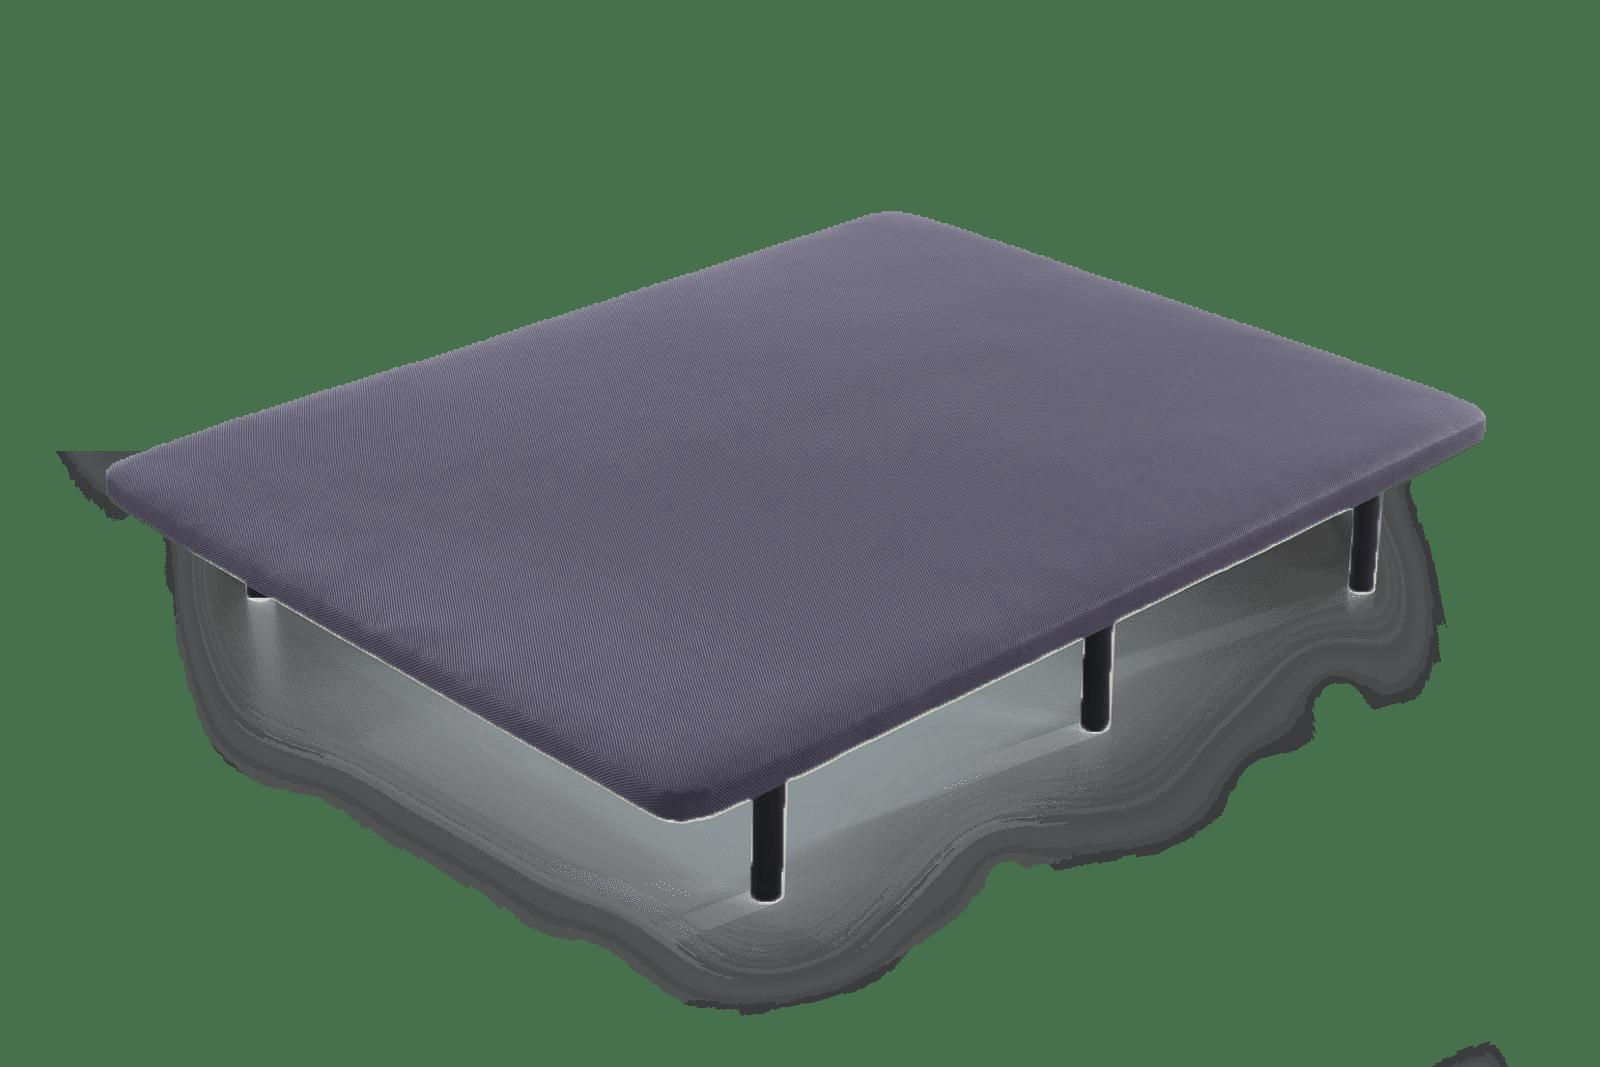 Base para colchón NIX Base fondo transparente